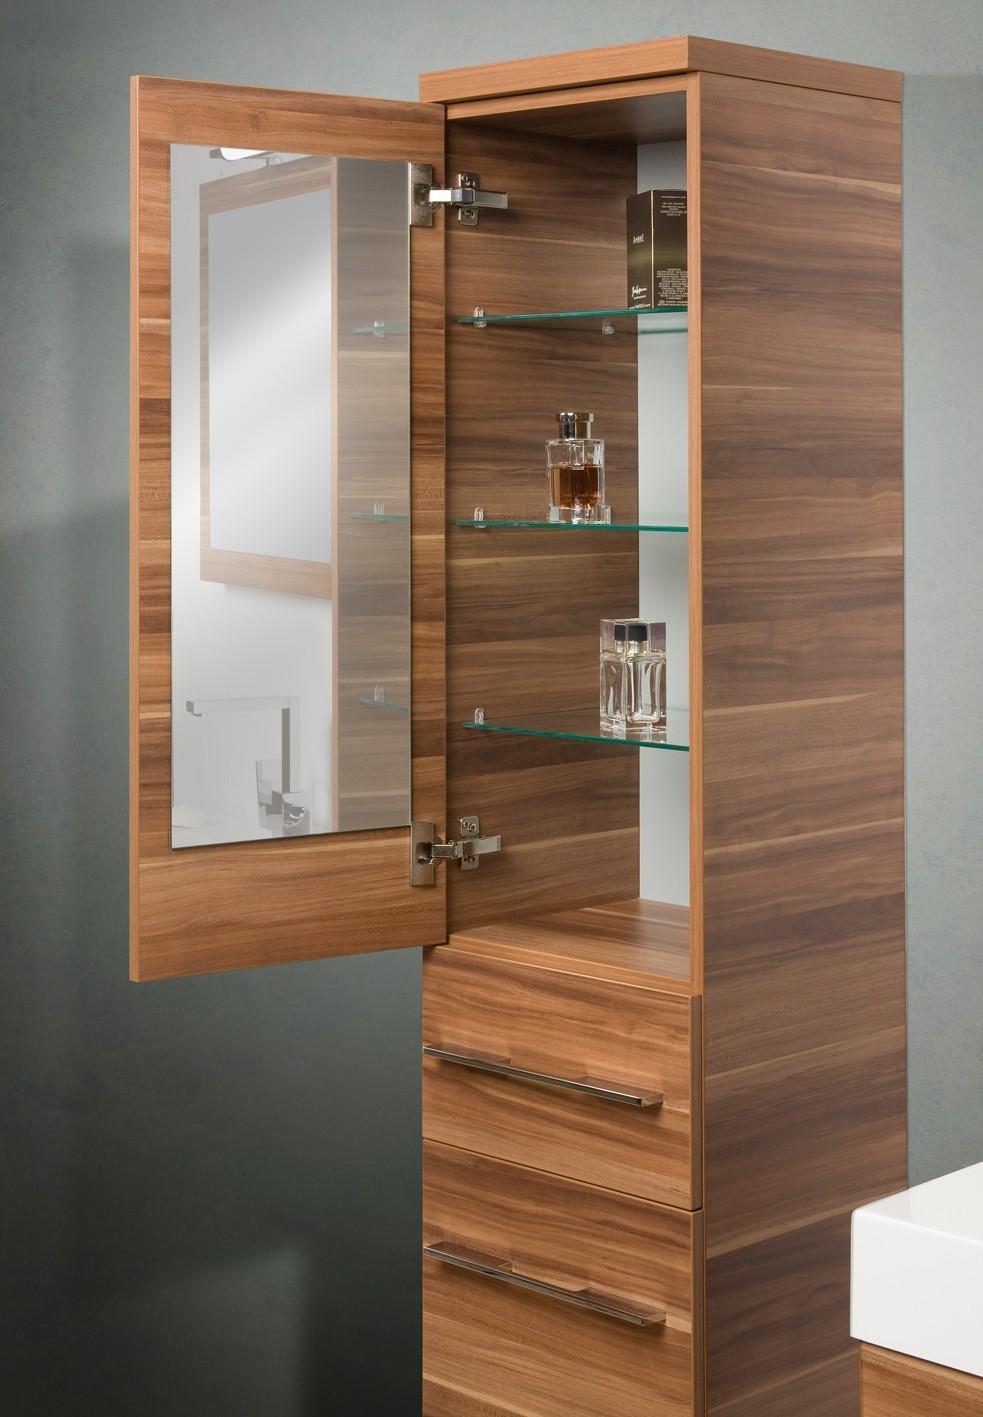 Design badm bel setwaschbecken waschtisch 120 cm - Designer badmobel ...